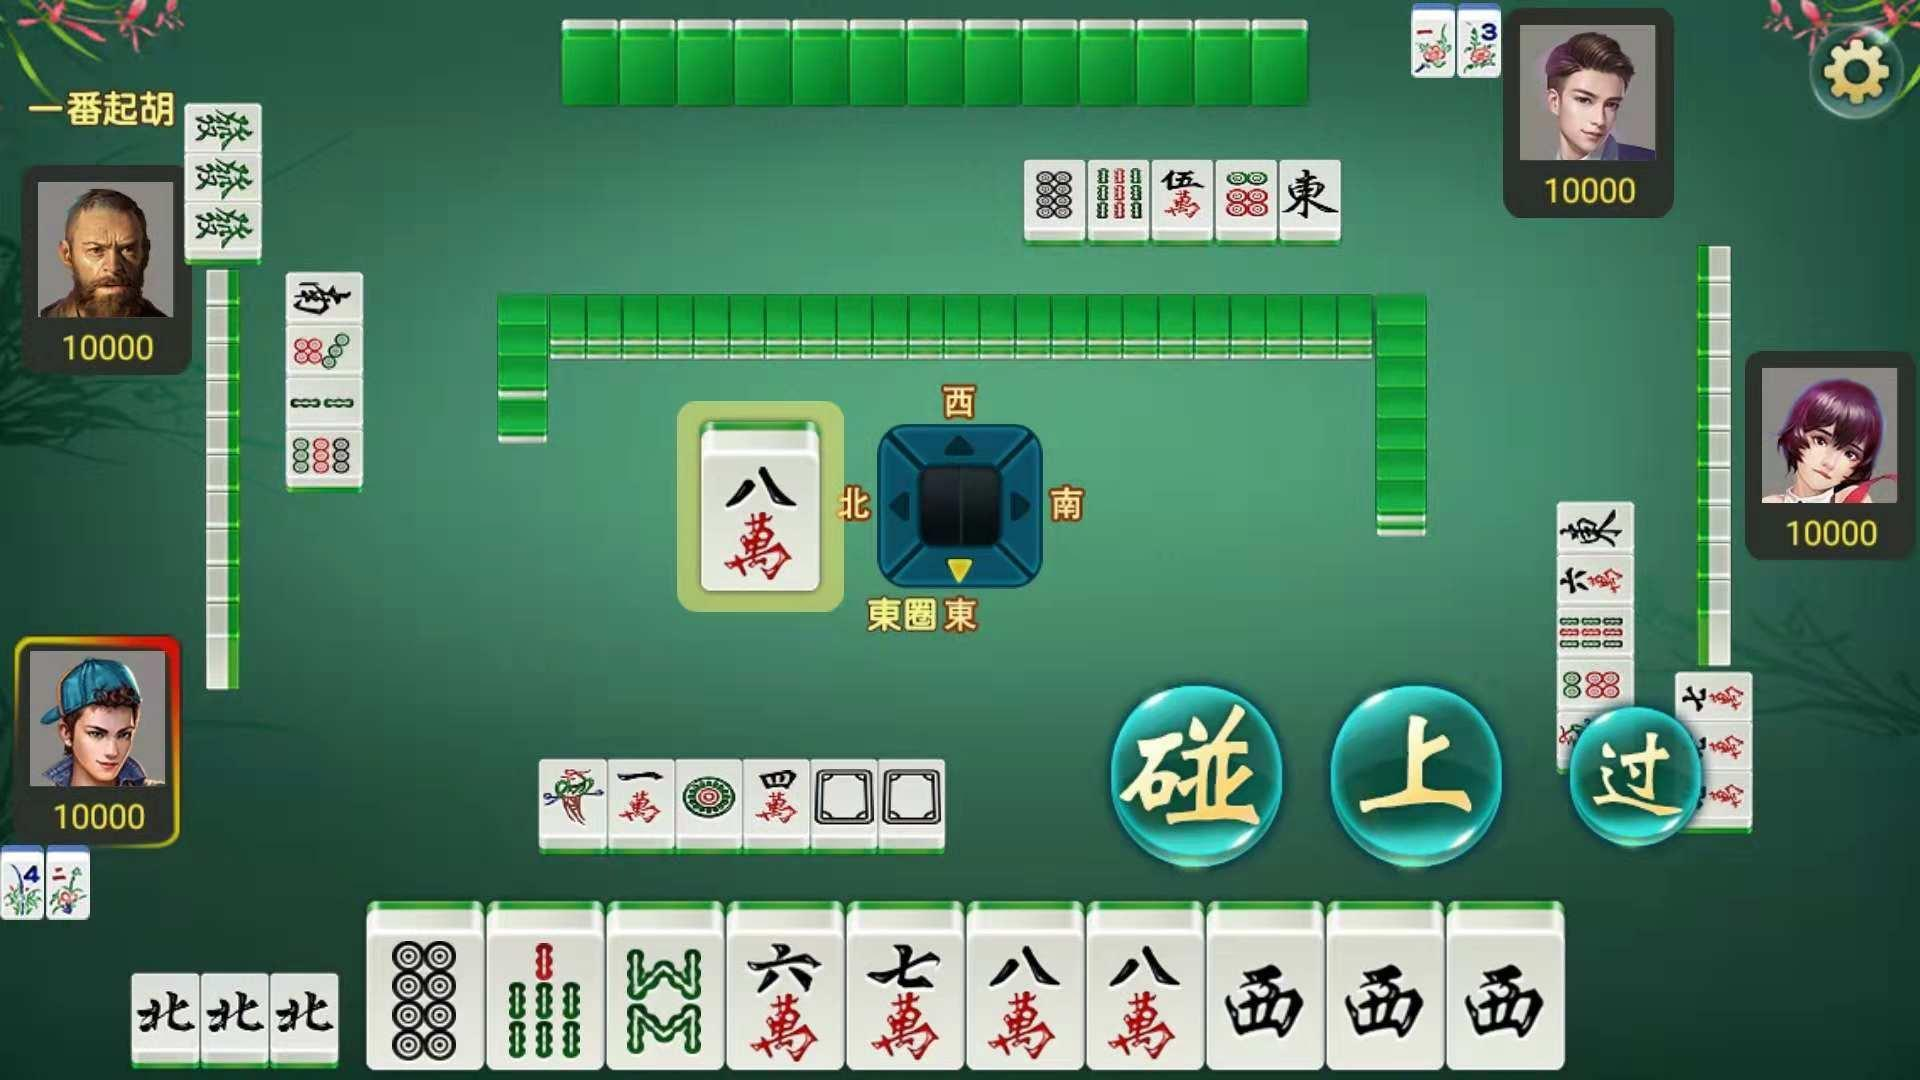 正宗香港麻雀-广东麻将,欢乐斗地主 3.1.8 Screenshot 3